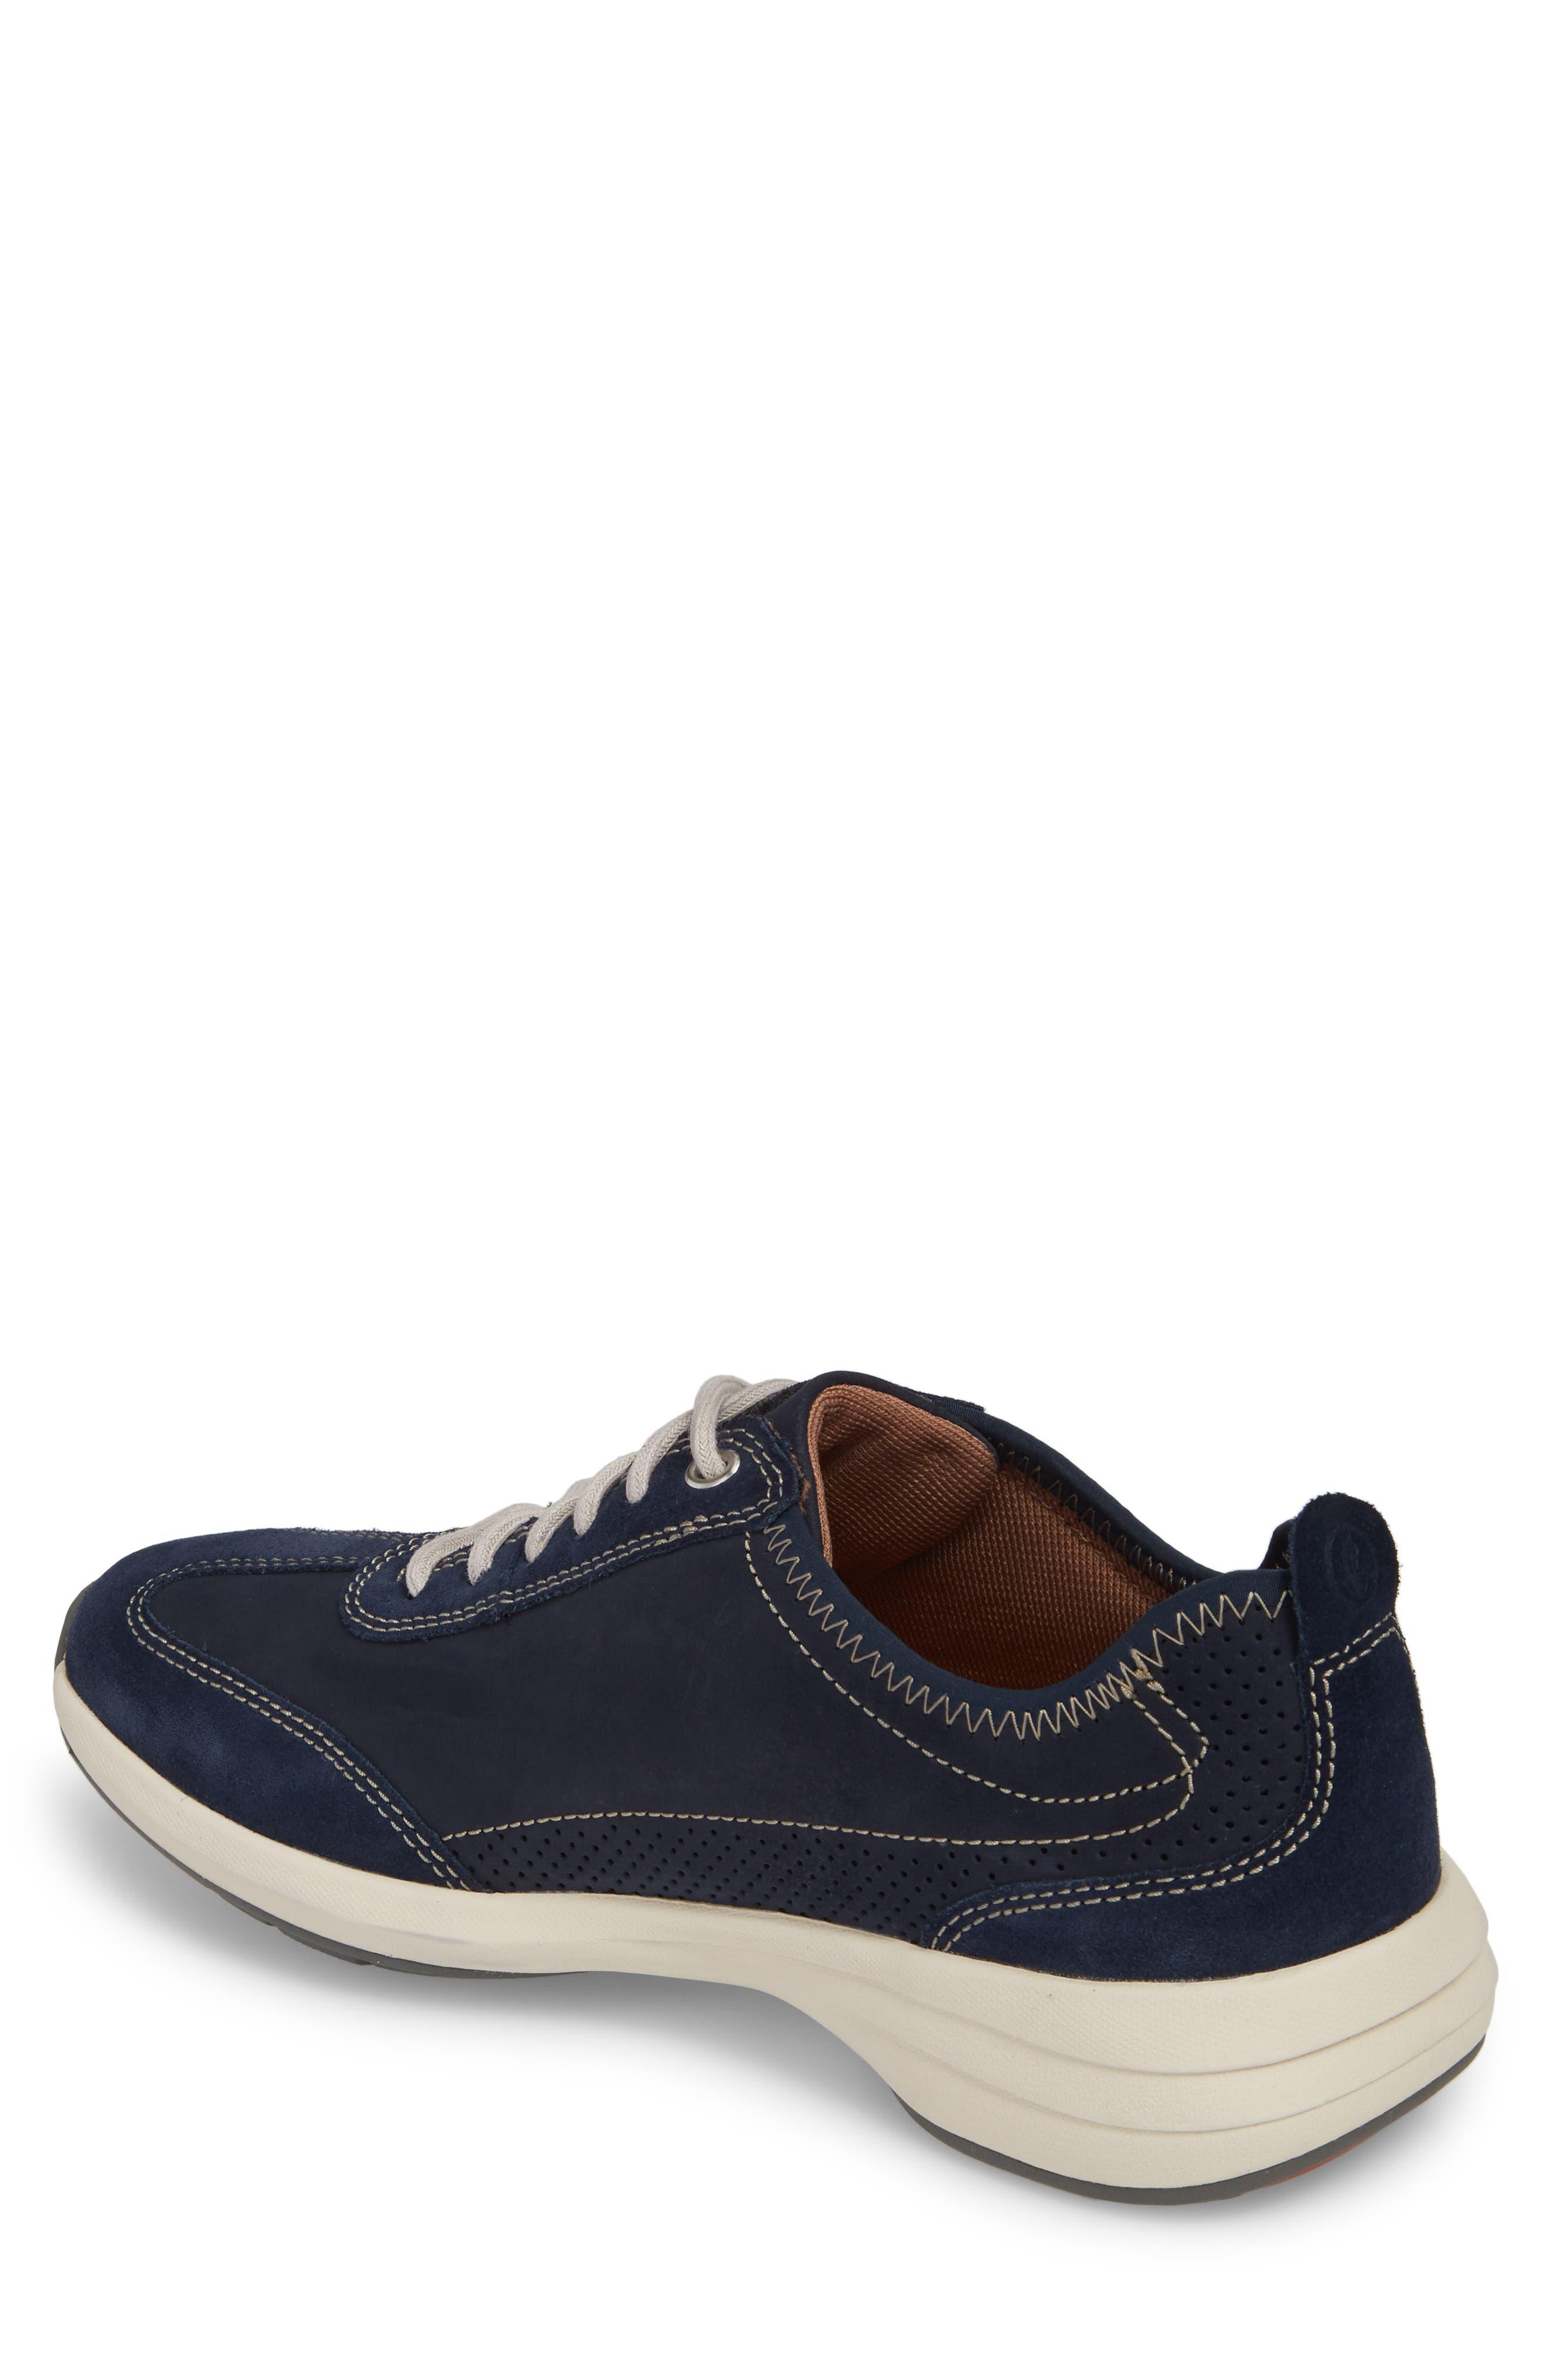 Clarks<sup>®</sup> Un Coast Low Top Sneaker,                             Alternate thumbnail 4, color,